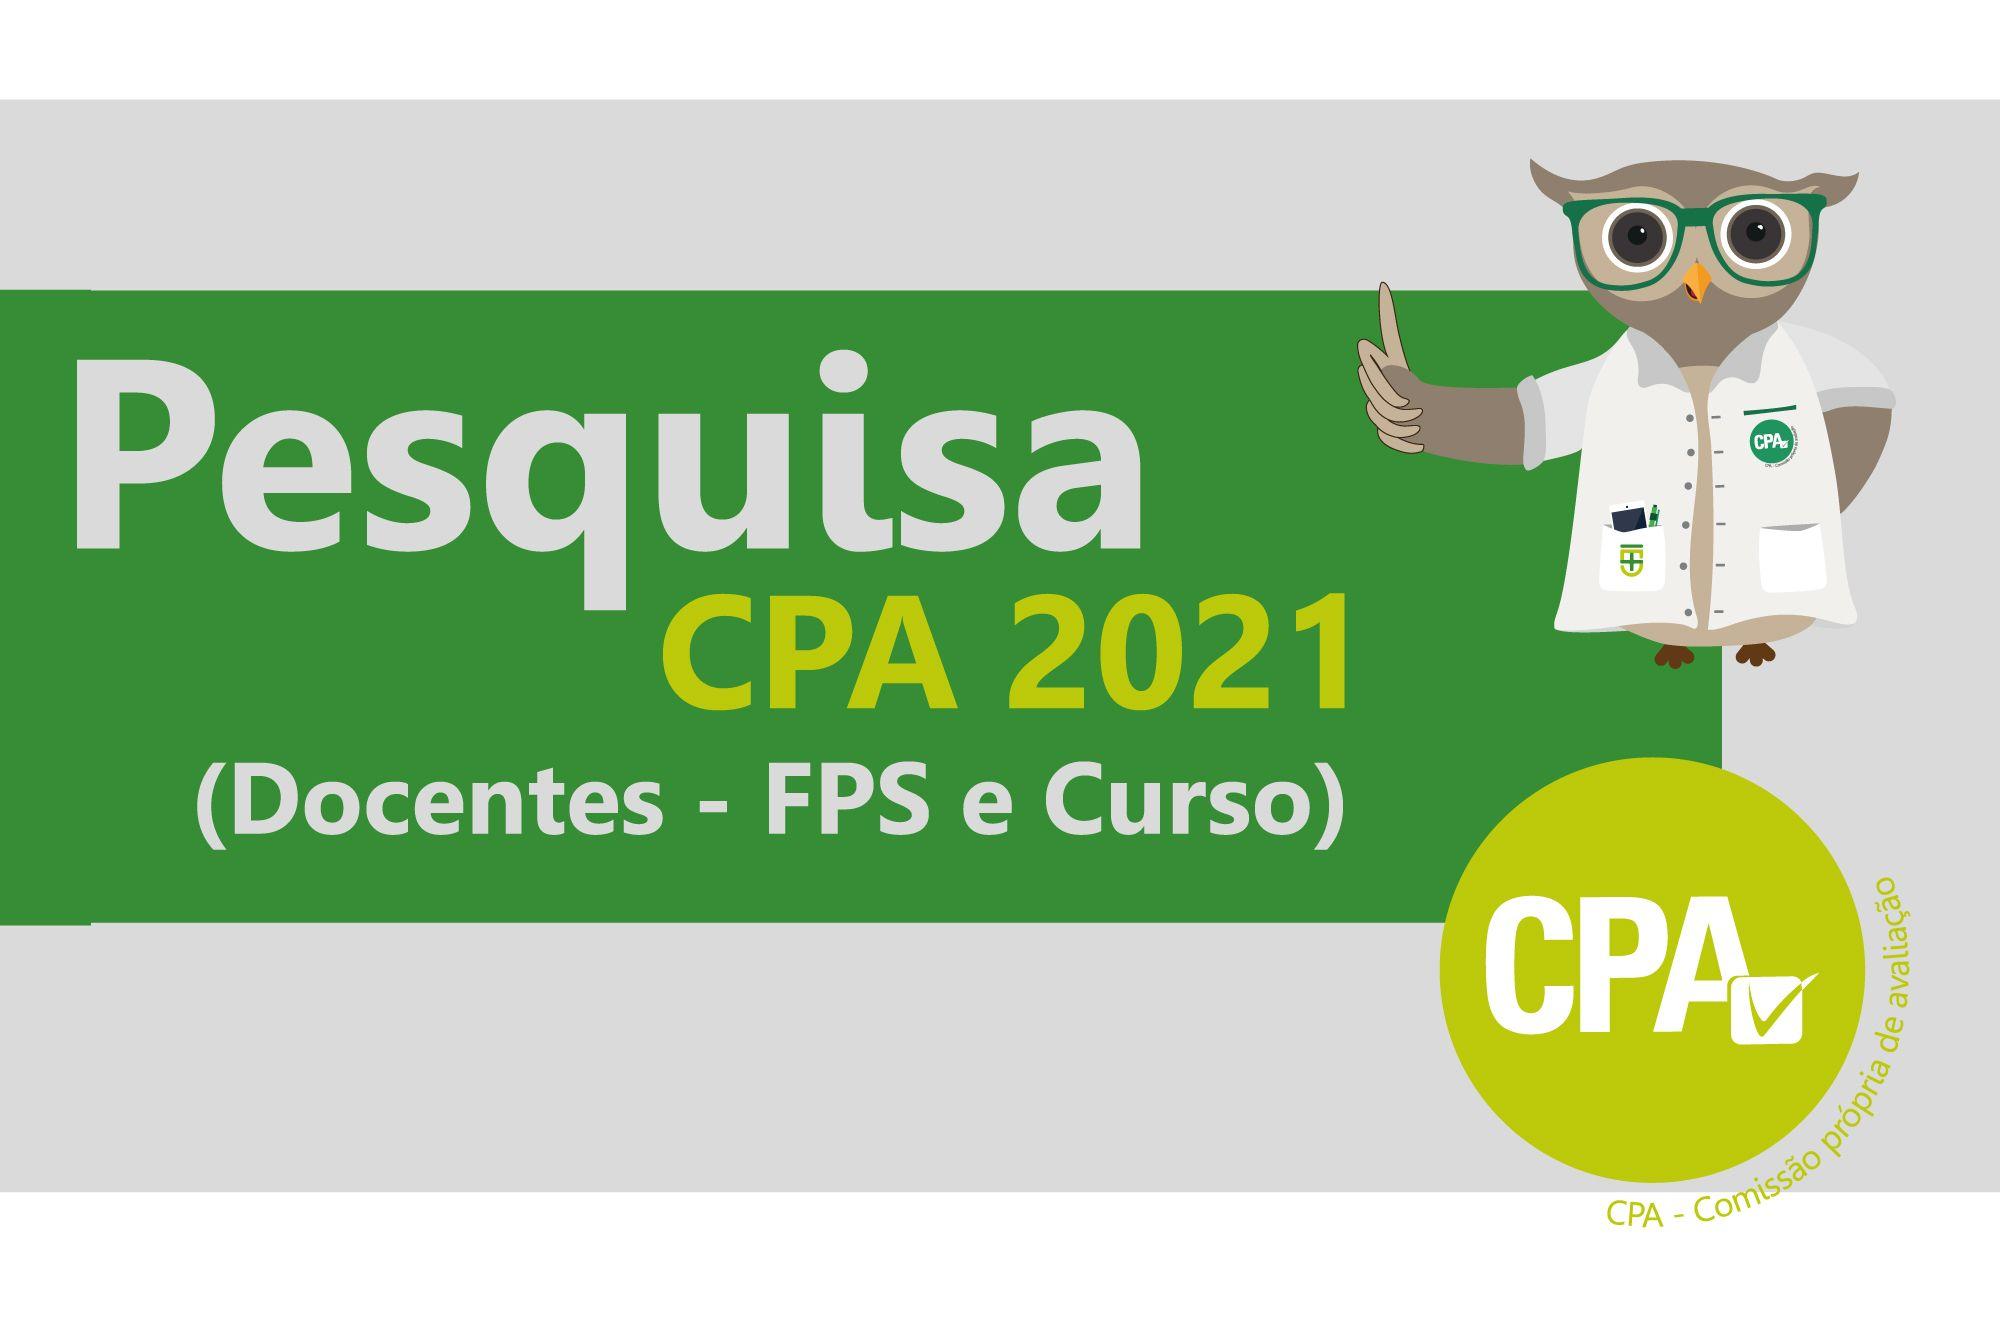 Pesquisa CPA 2021 - Docentes (FPS e Curso)